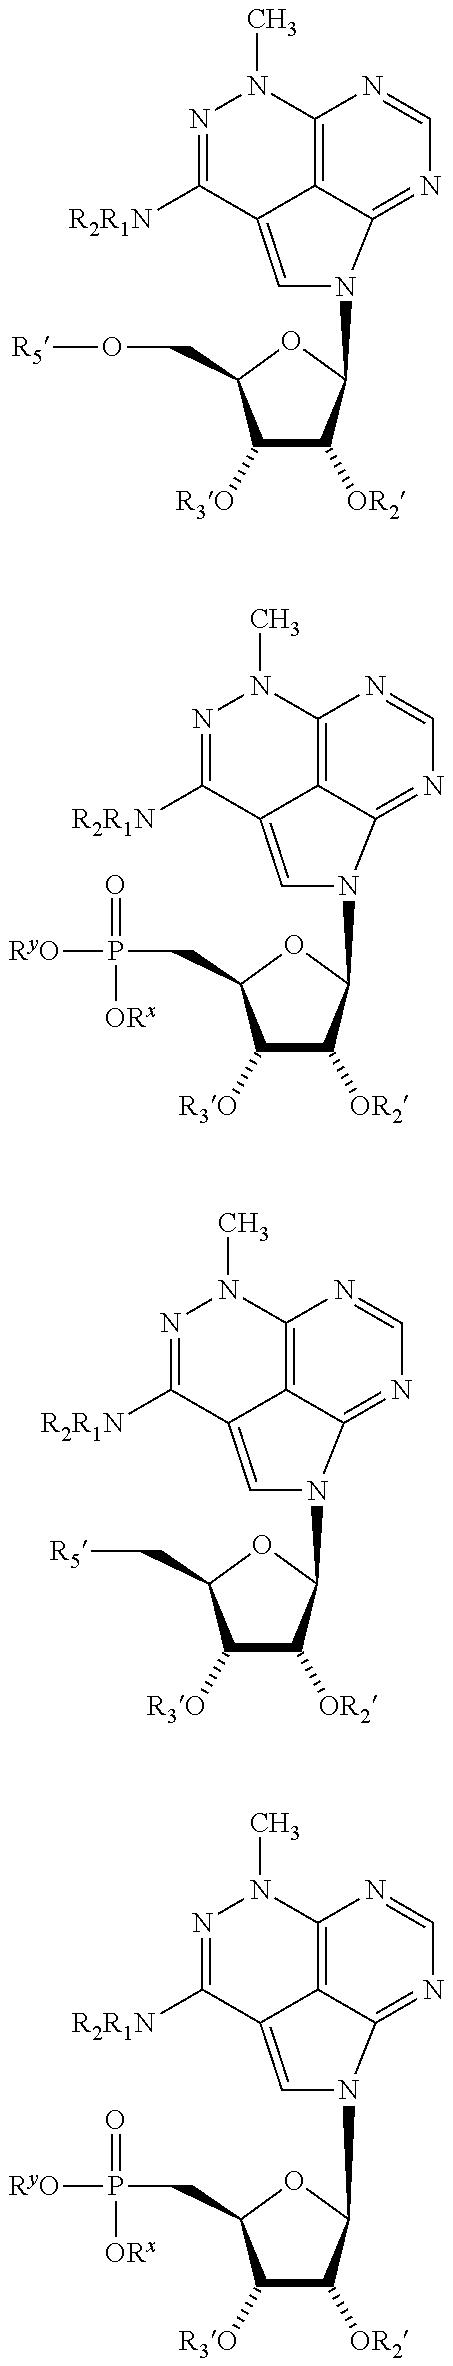 Figure US09115162-20150825-C00001